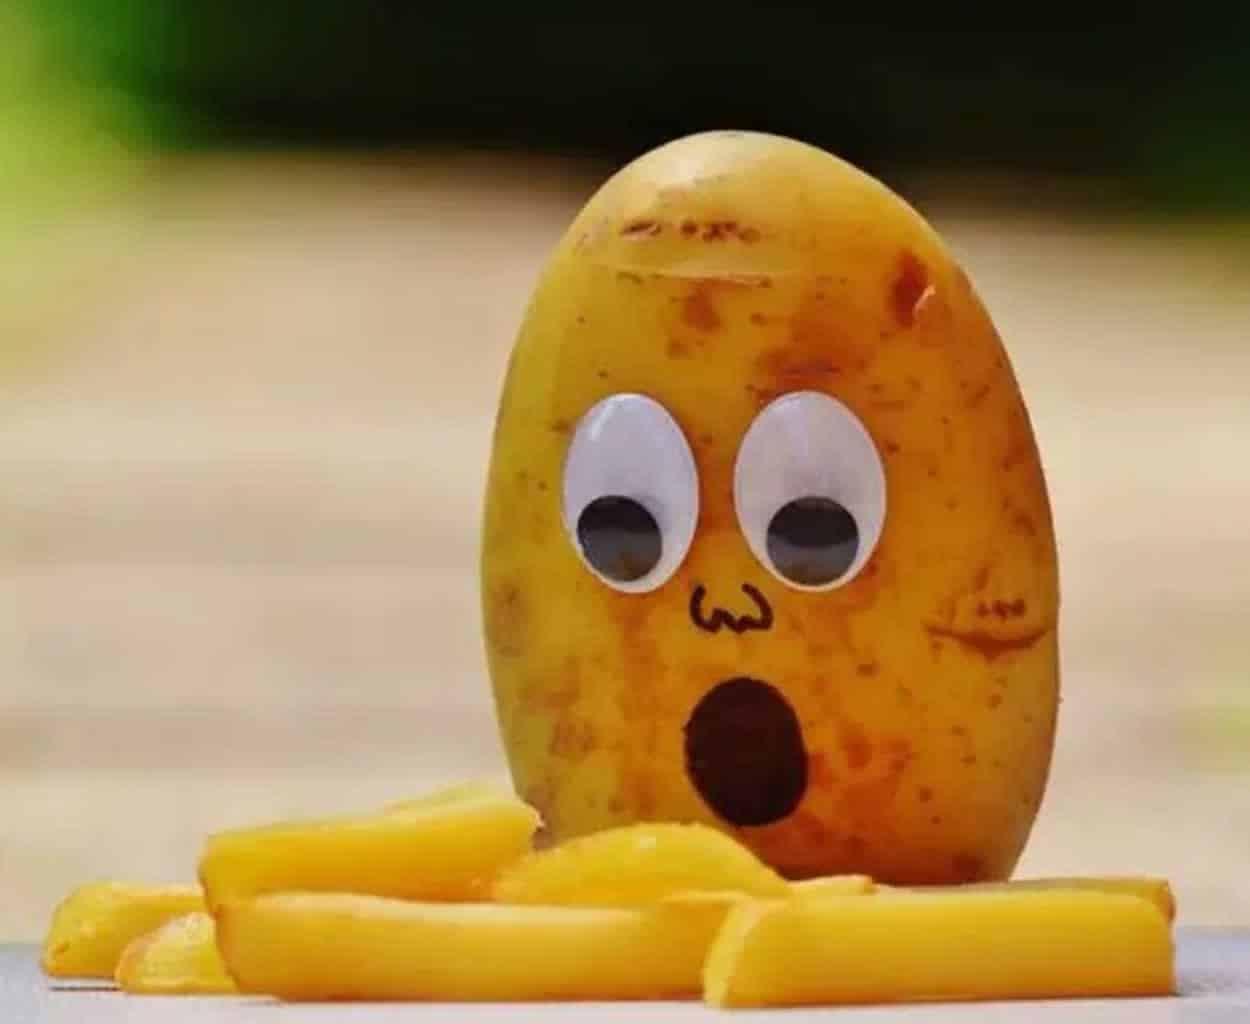 elaiolado etsi prepei na thganizete tis patates gia na min einai karkinogones